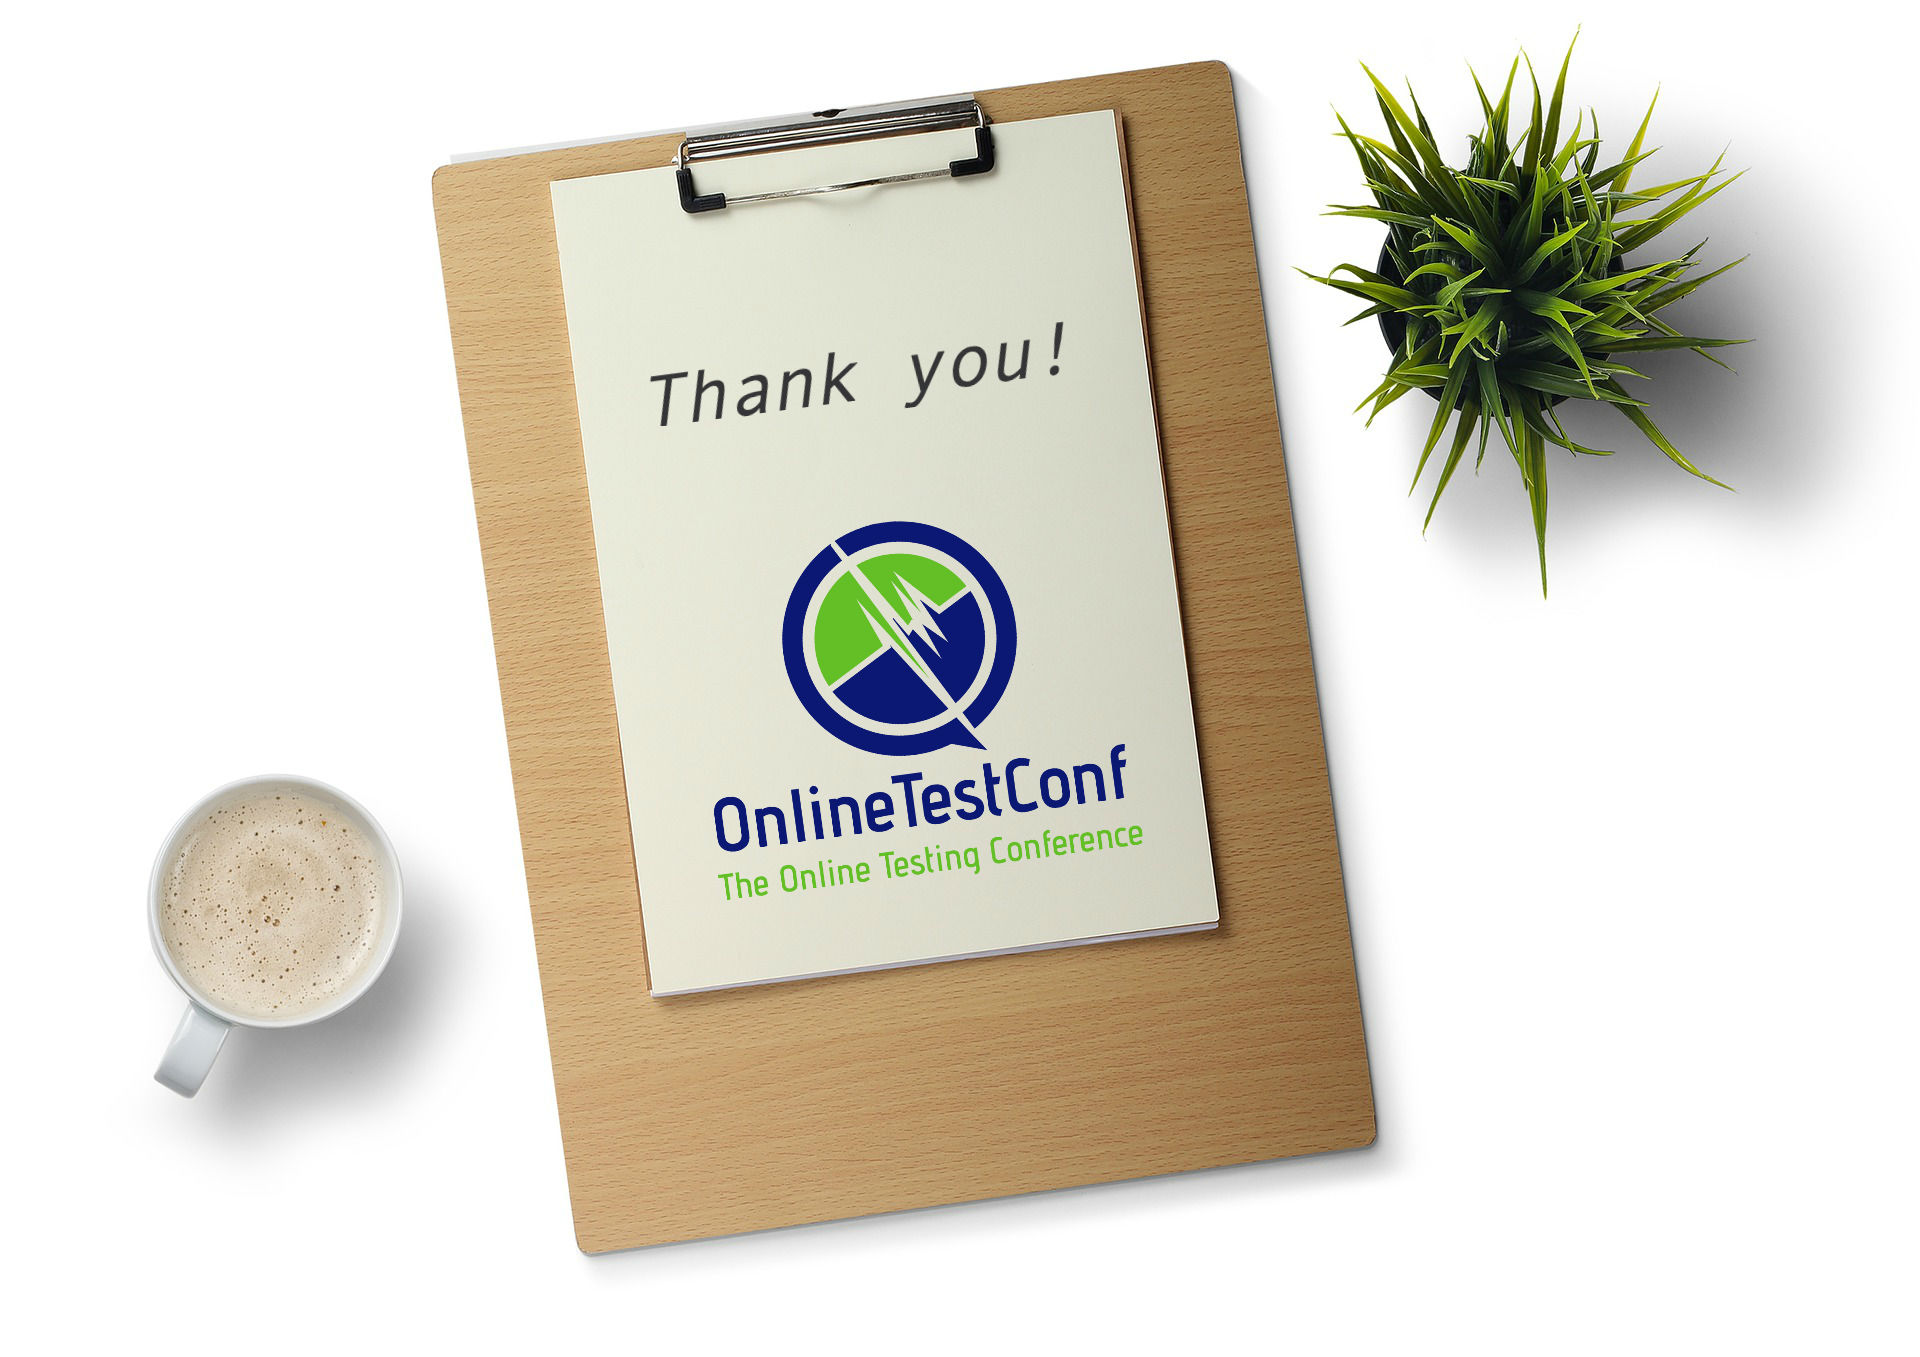 Japanese OnlineTestConf にご登録いただきありがとうございます。